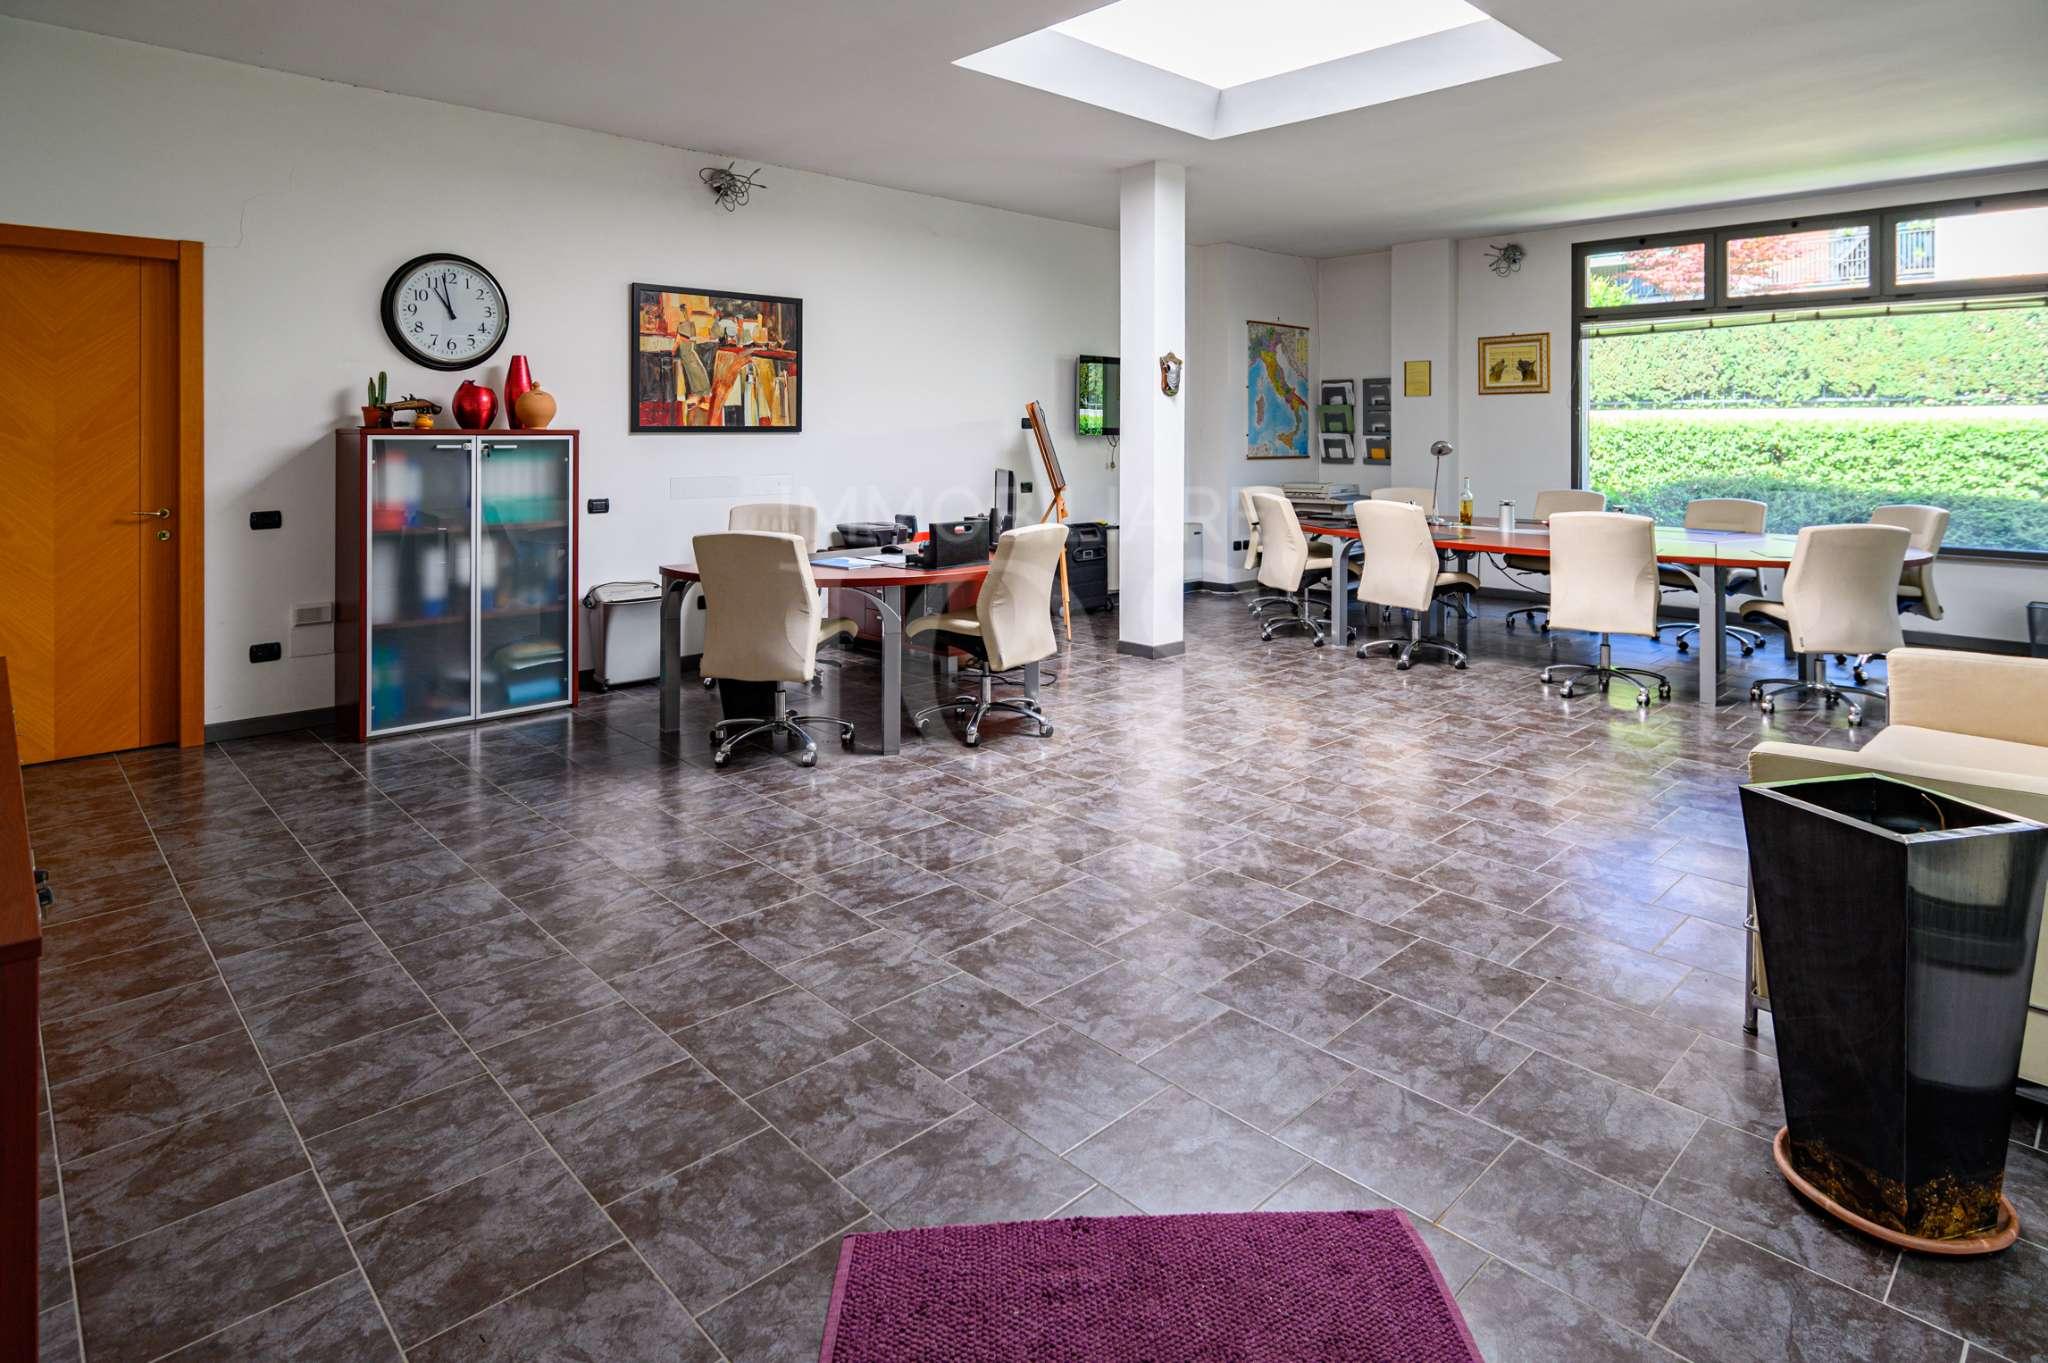 Ufficio / Studio in vendita a Sarnico, 2 locali, prezzo € 128.000   PortaleAgenzieImmobiliari.it